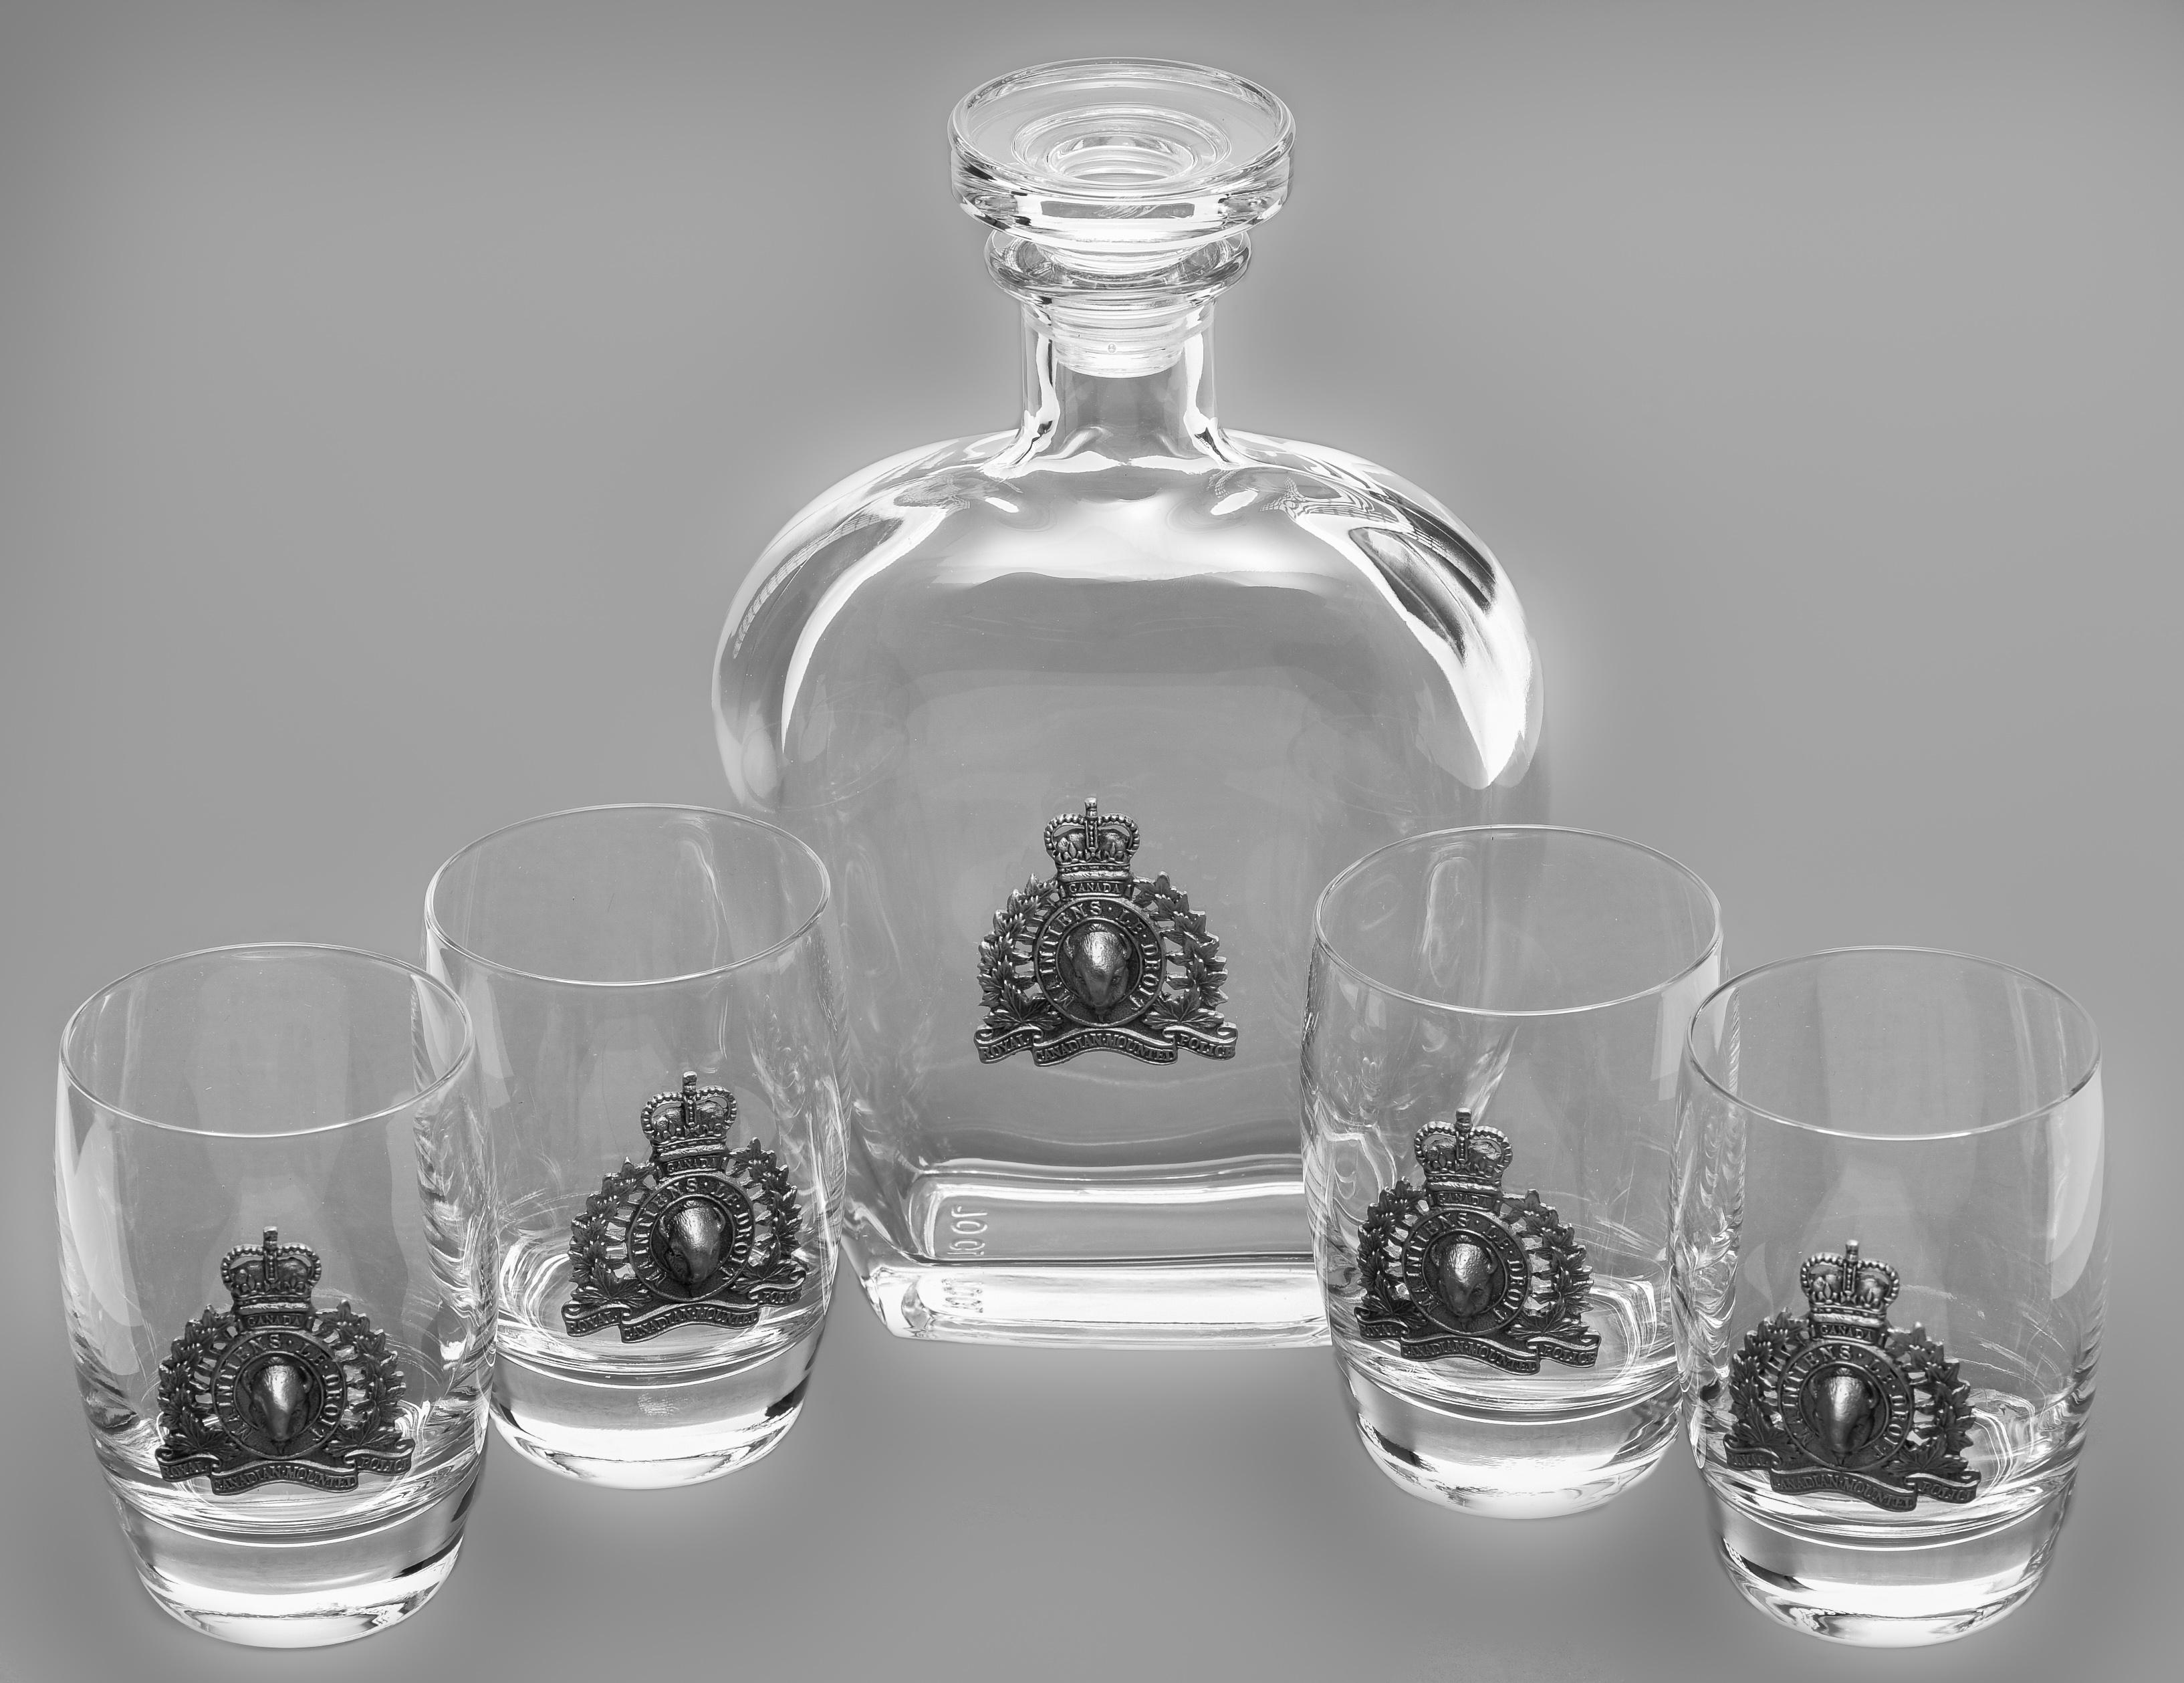 Whiskey Decanter (26oz – 769ml) & Tumblers